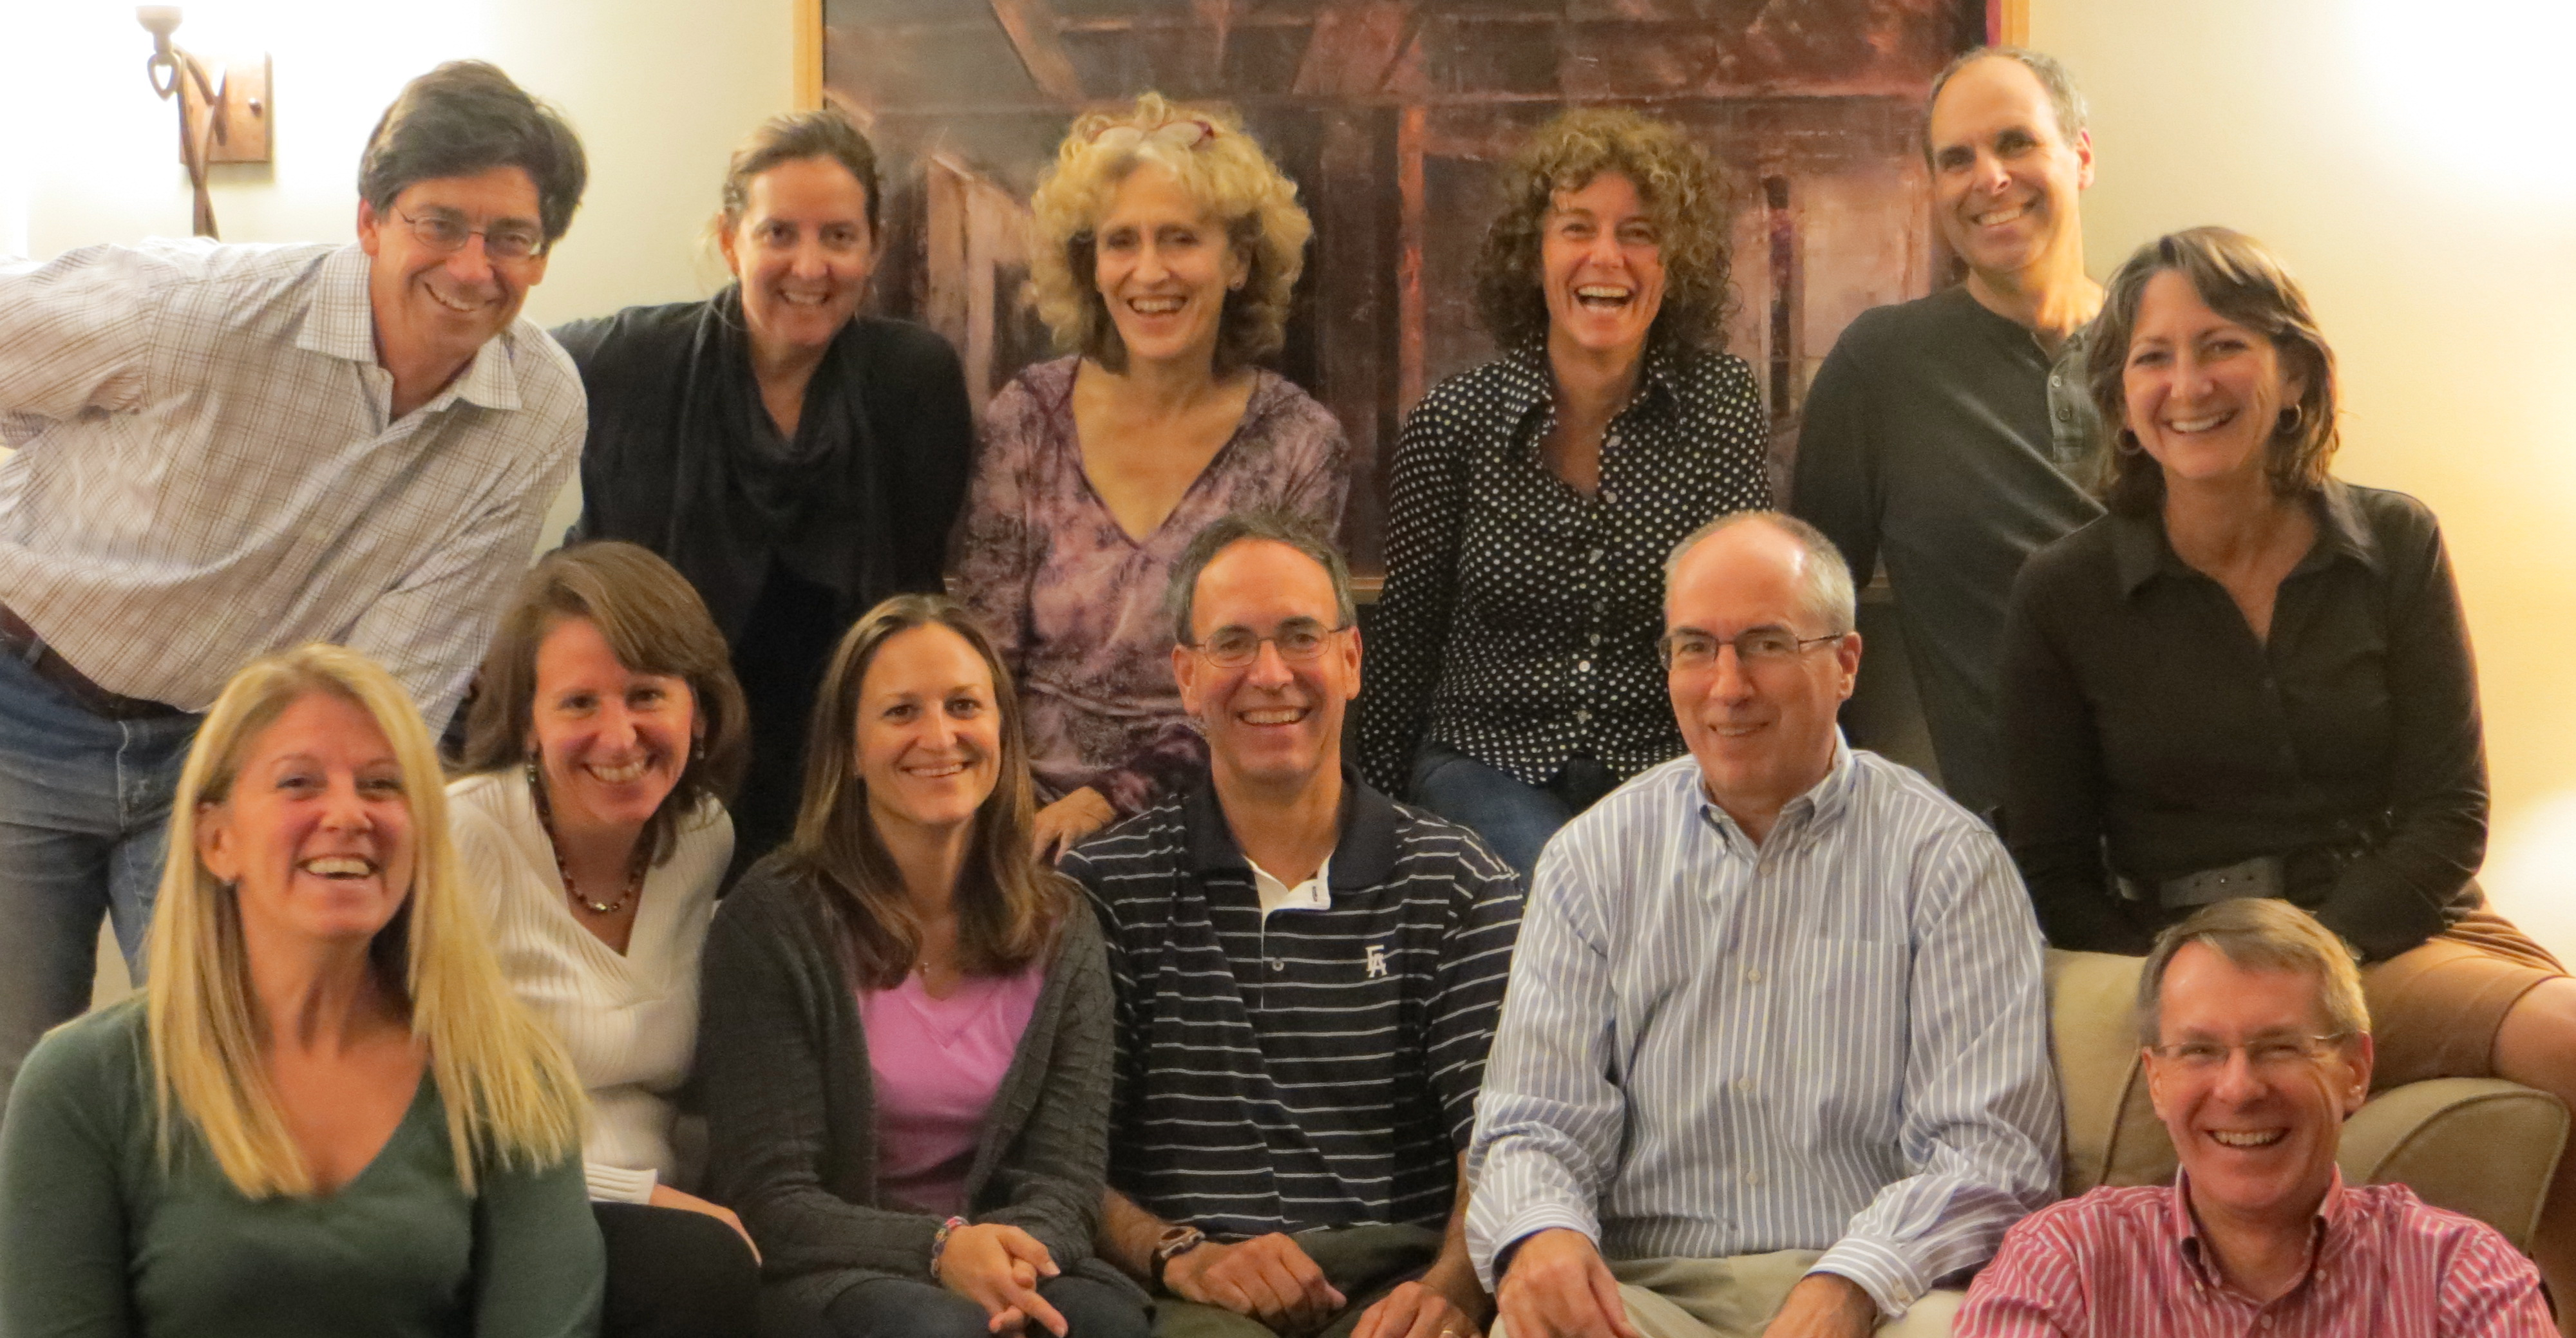 Original group, 2013